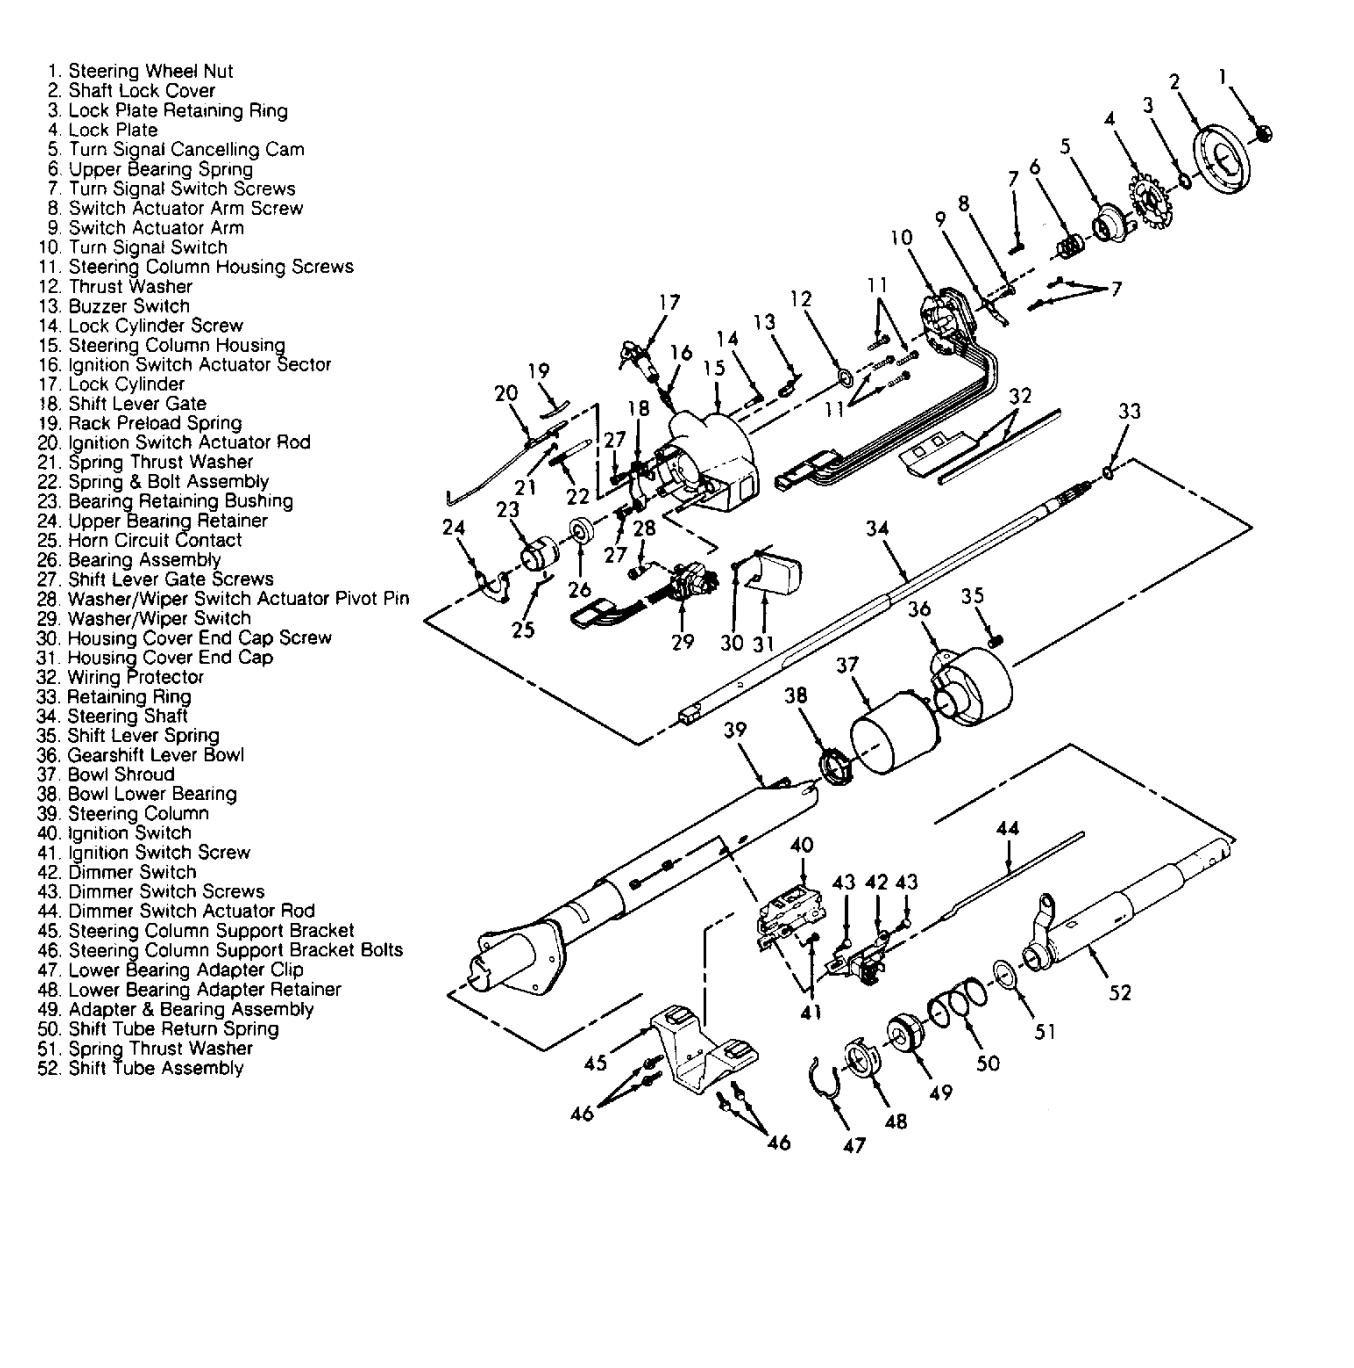 E46 Vacuum Hose Diagram additionally E39 Radiator Diagram as well 97 Bmw 540i Wiring Harness Diagram moreover 2004 Bmw X5 Fuse Panel Diagram as well 2000 Bmw 328ci Wiring Diagram. on 2001 bmw 530i fuse diagram